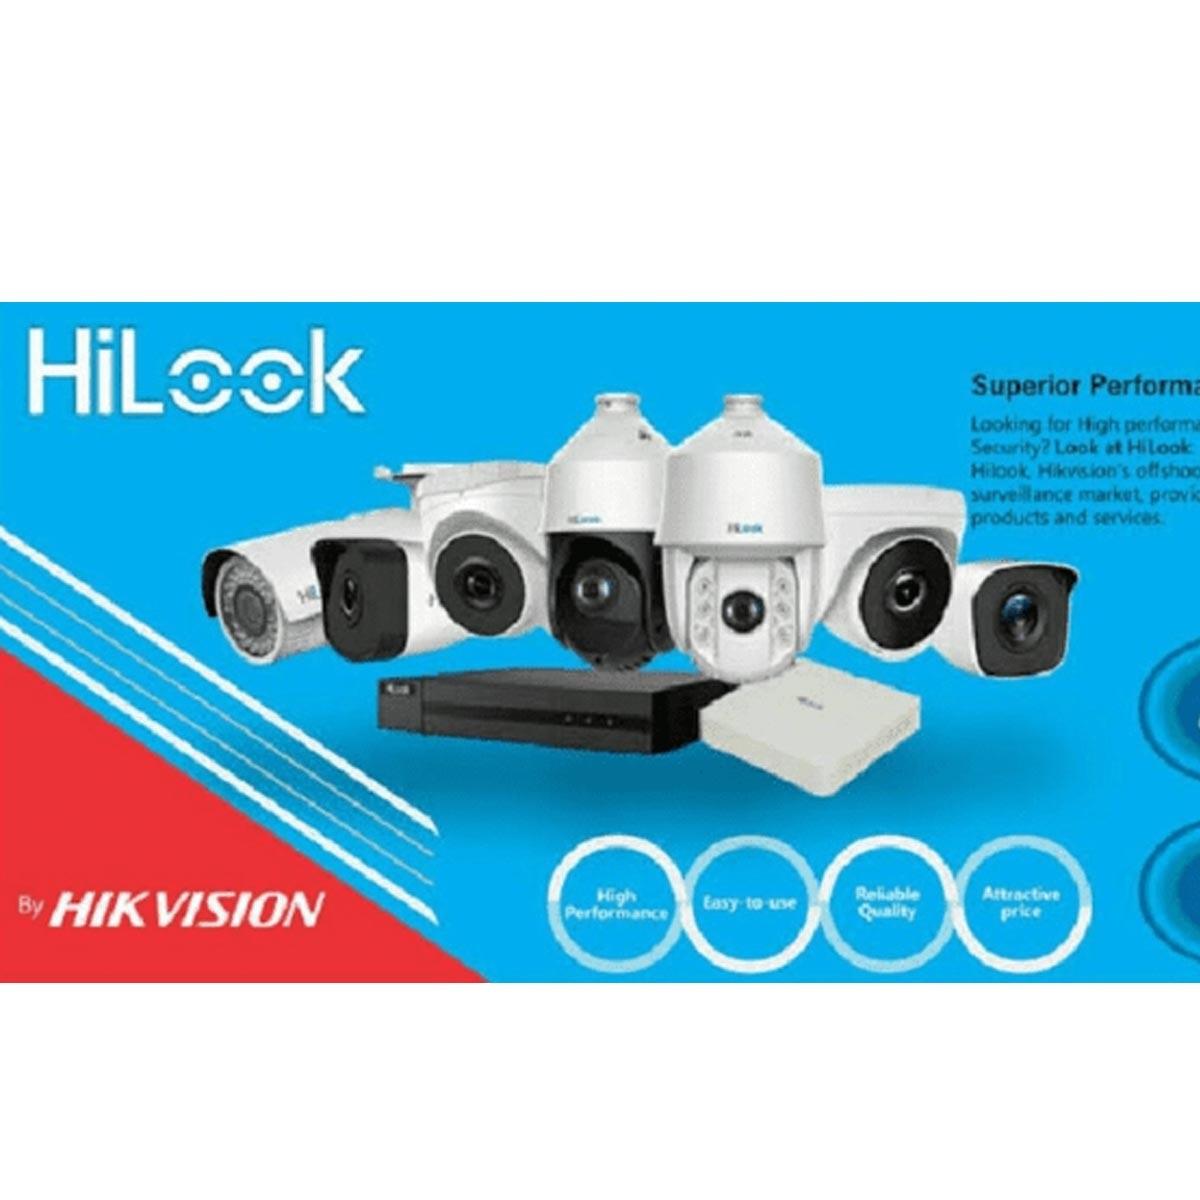 CÂMERA DOME HIKVISION HILOOK 20MTS 1MP 2,8MM PLAST. THC-T110C-P